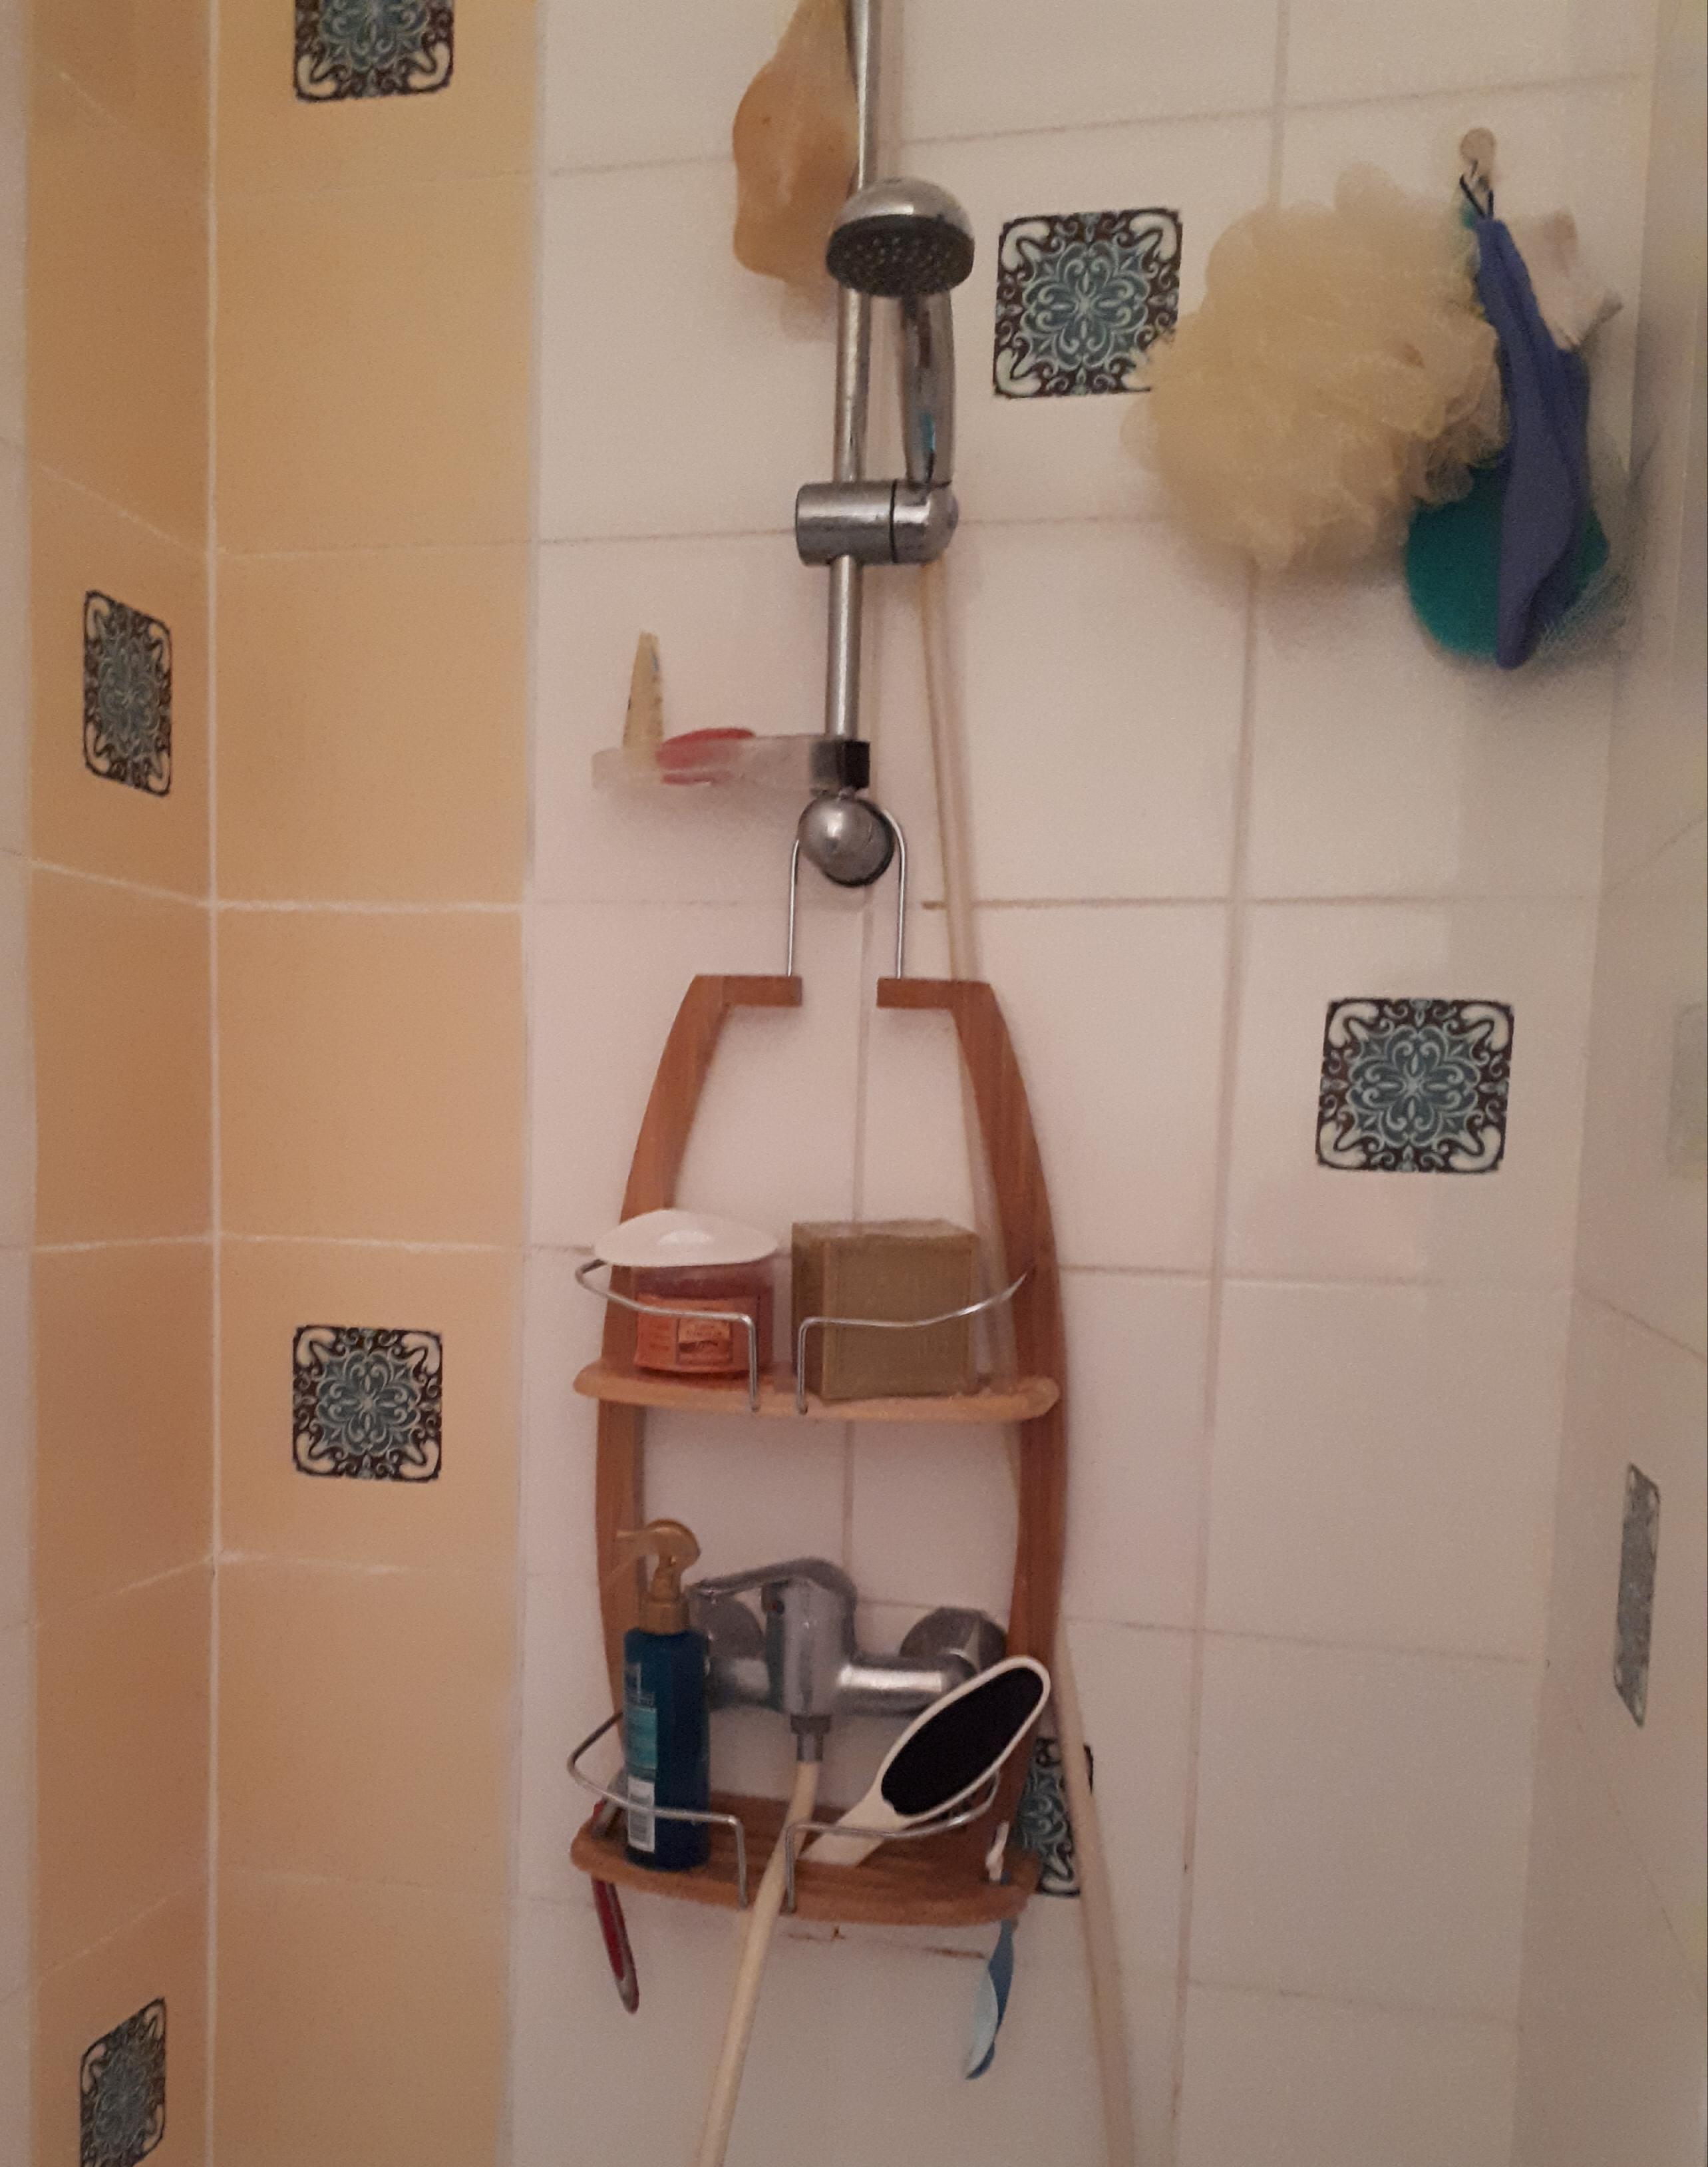 J'ai testé pour vous le serviteur de douche en bambou